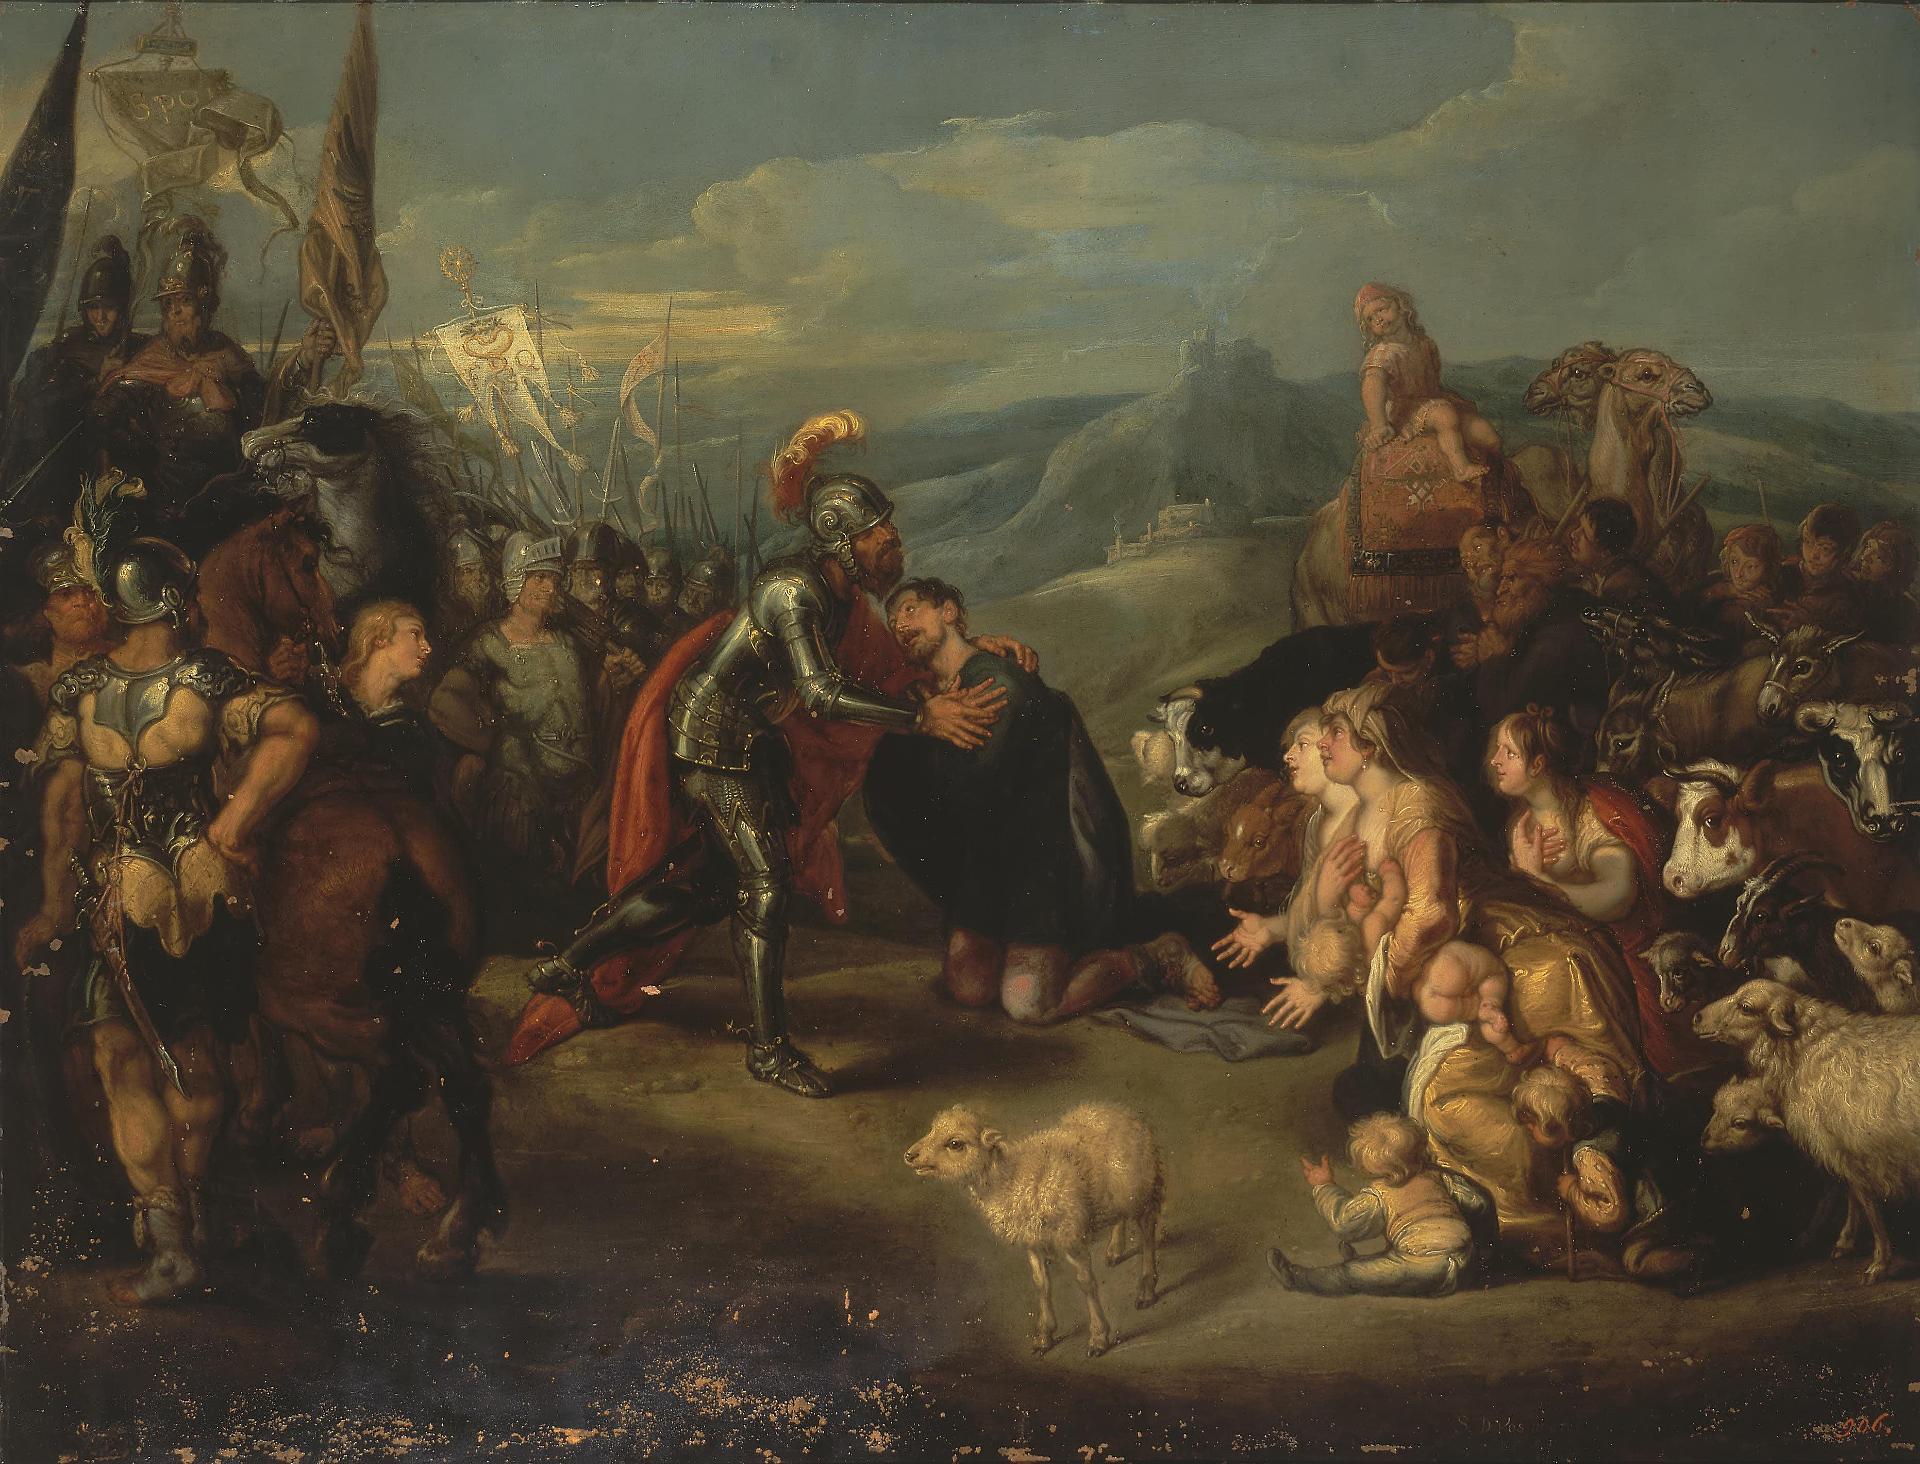 Simon_de_Vos_-_Meeting_of_Esau_and_Jacob.jpg